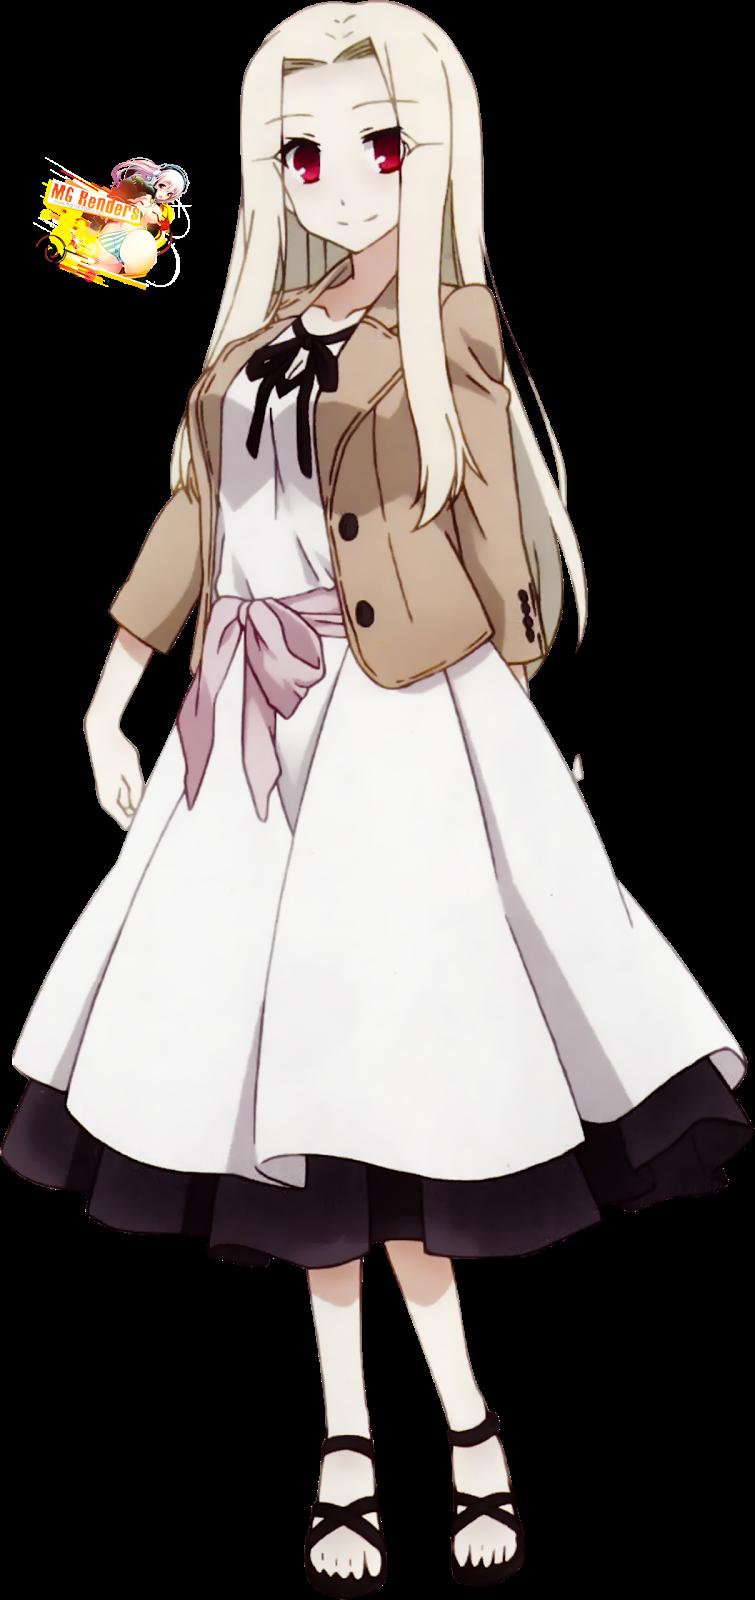 Tags: Anime, Render,  Fate kaleid liner Prisma Illya,  Fate series,  Irisviel von Einzbern,  Milf, PNG, Image, Picture